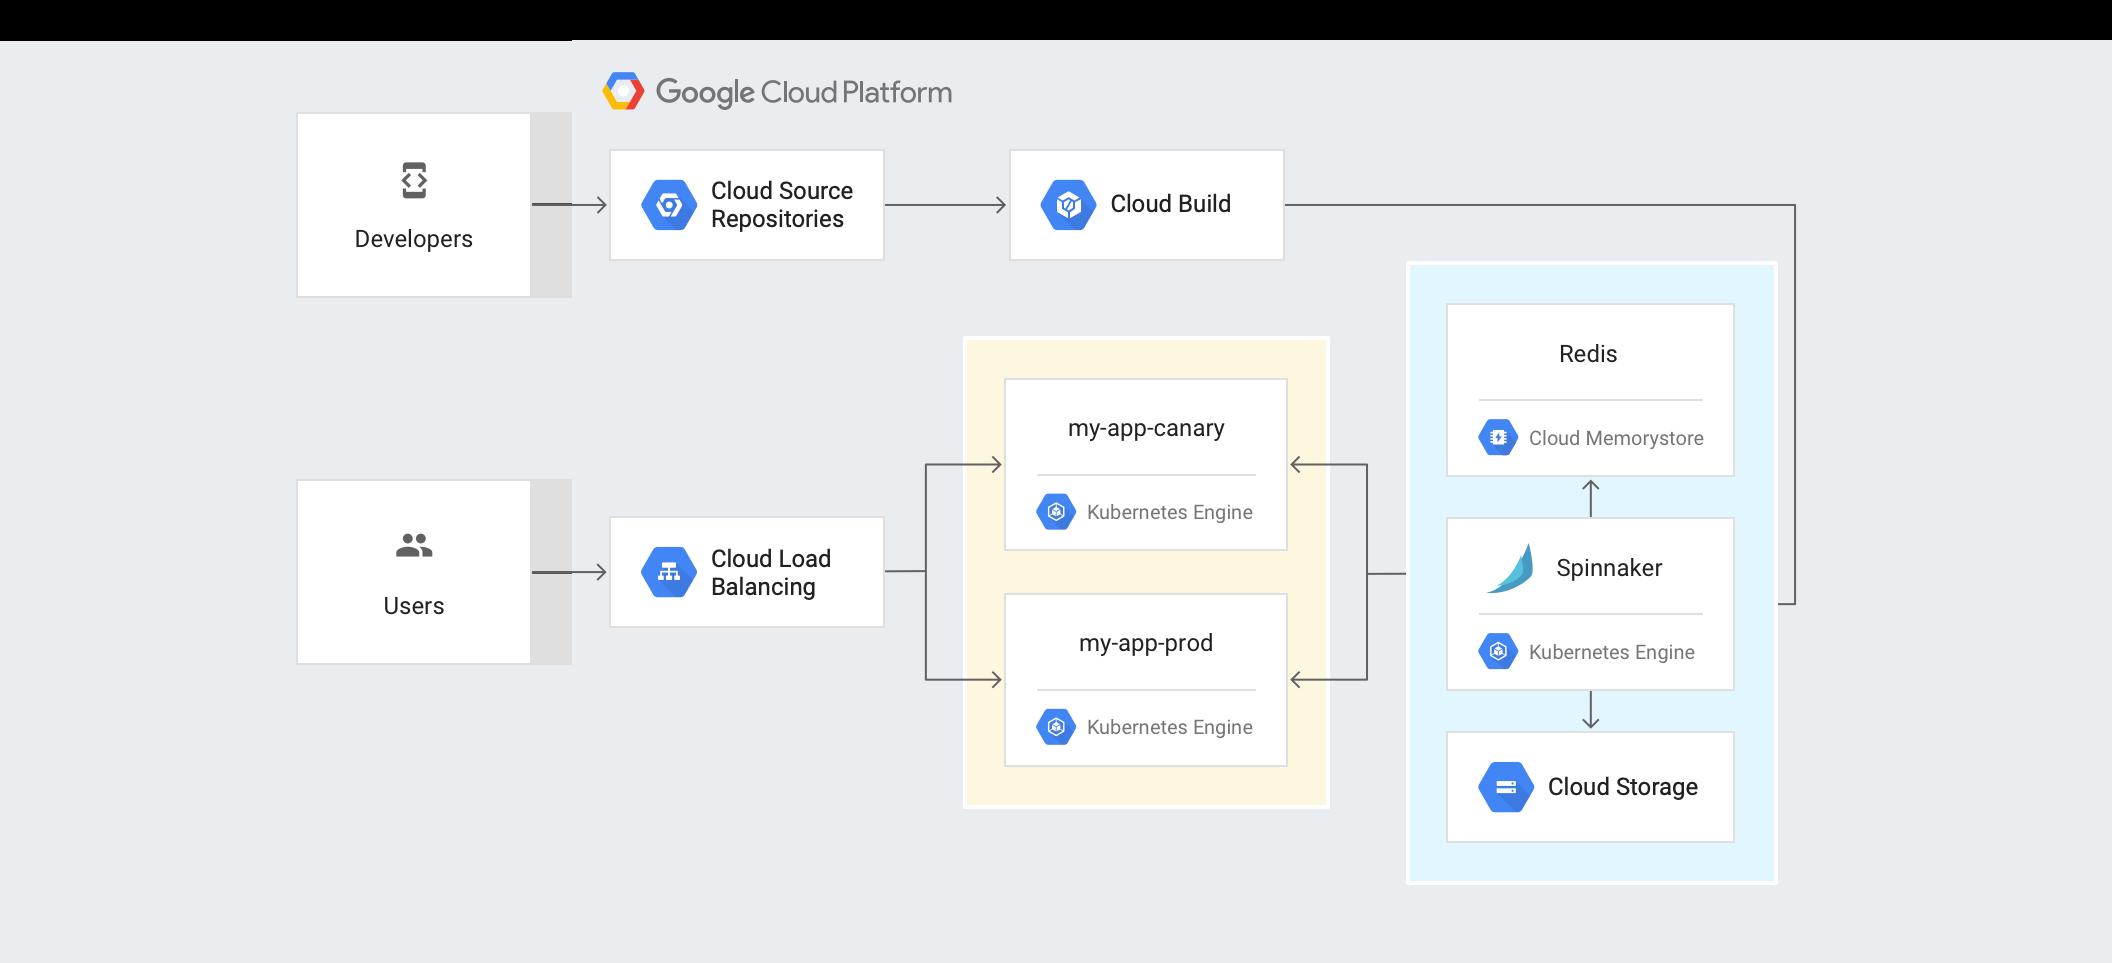 개발자와 사용자를 위한 파이프라인 아키텍처